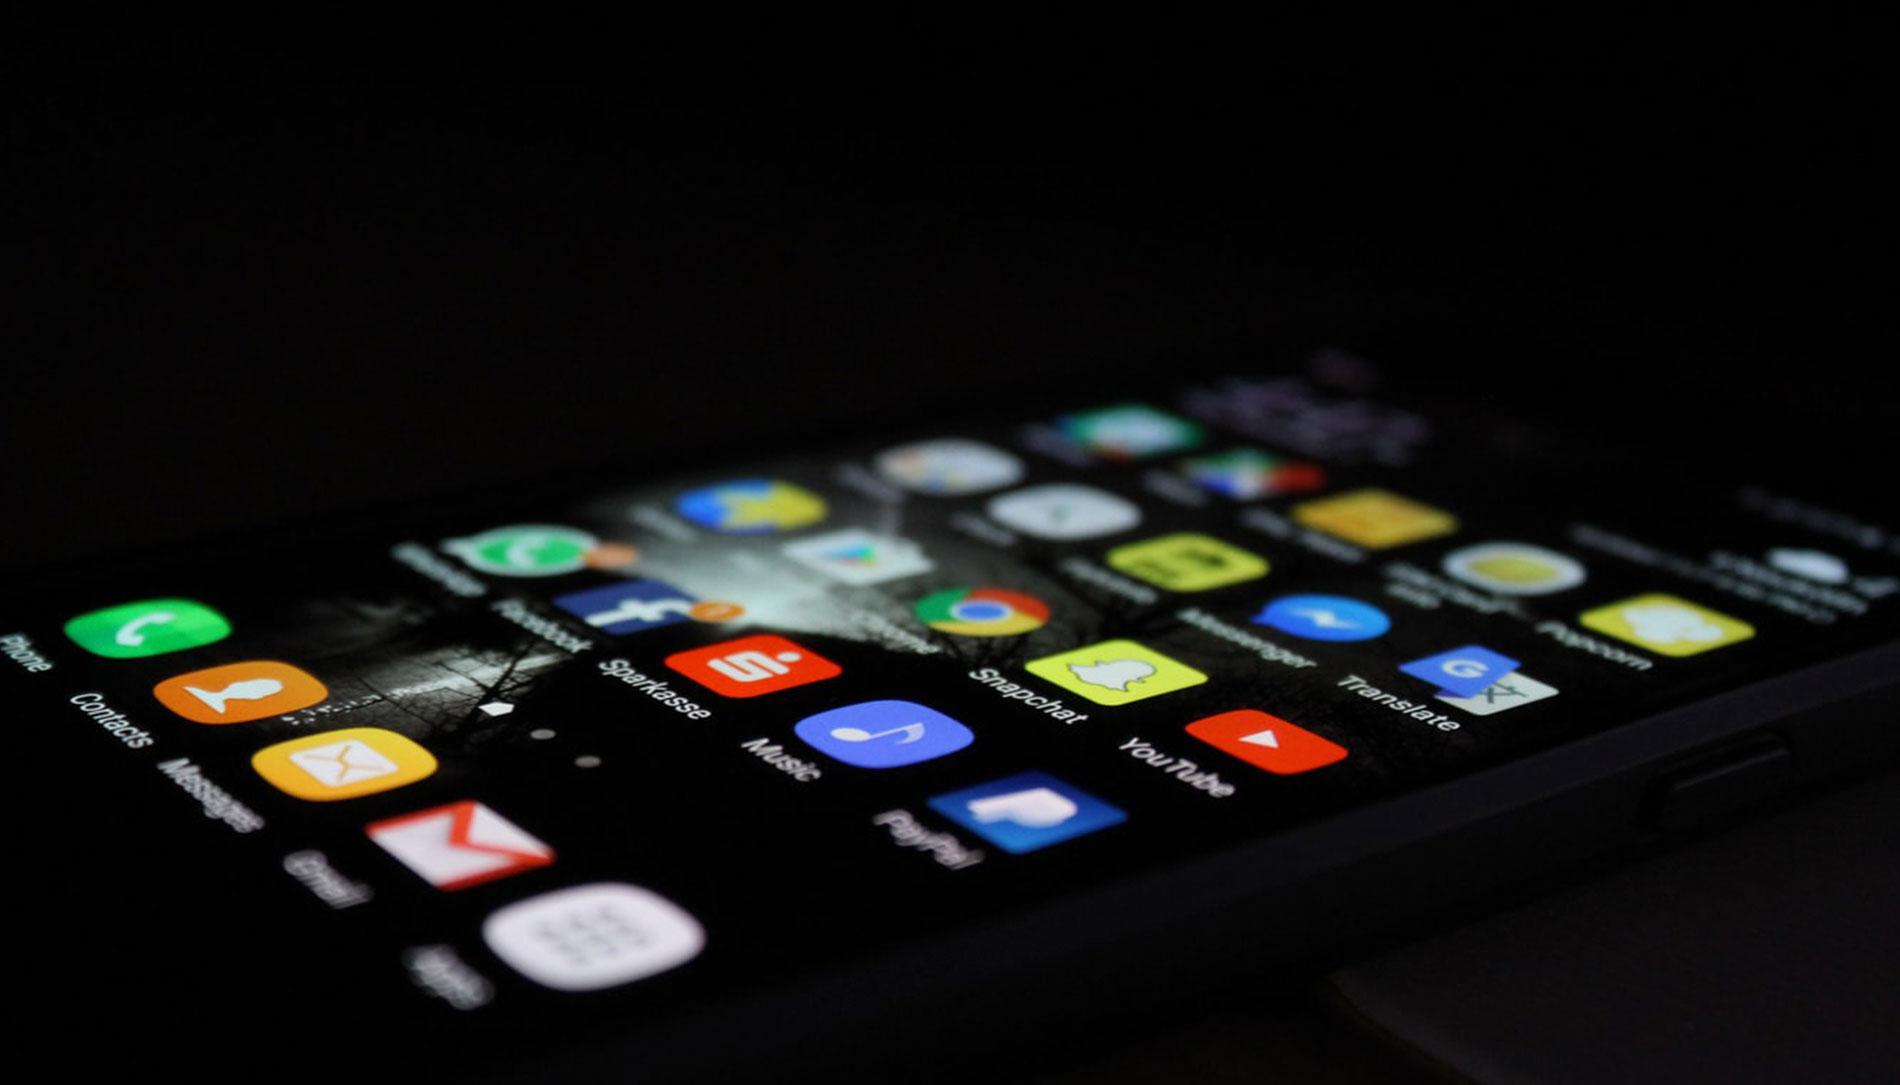 10 Beneficios de las aplicaciones móviles para las empresas